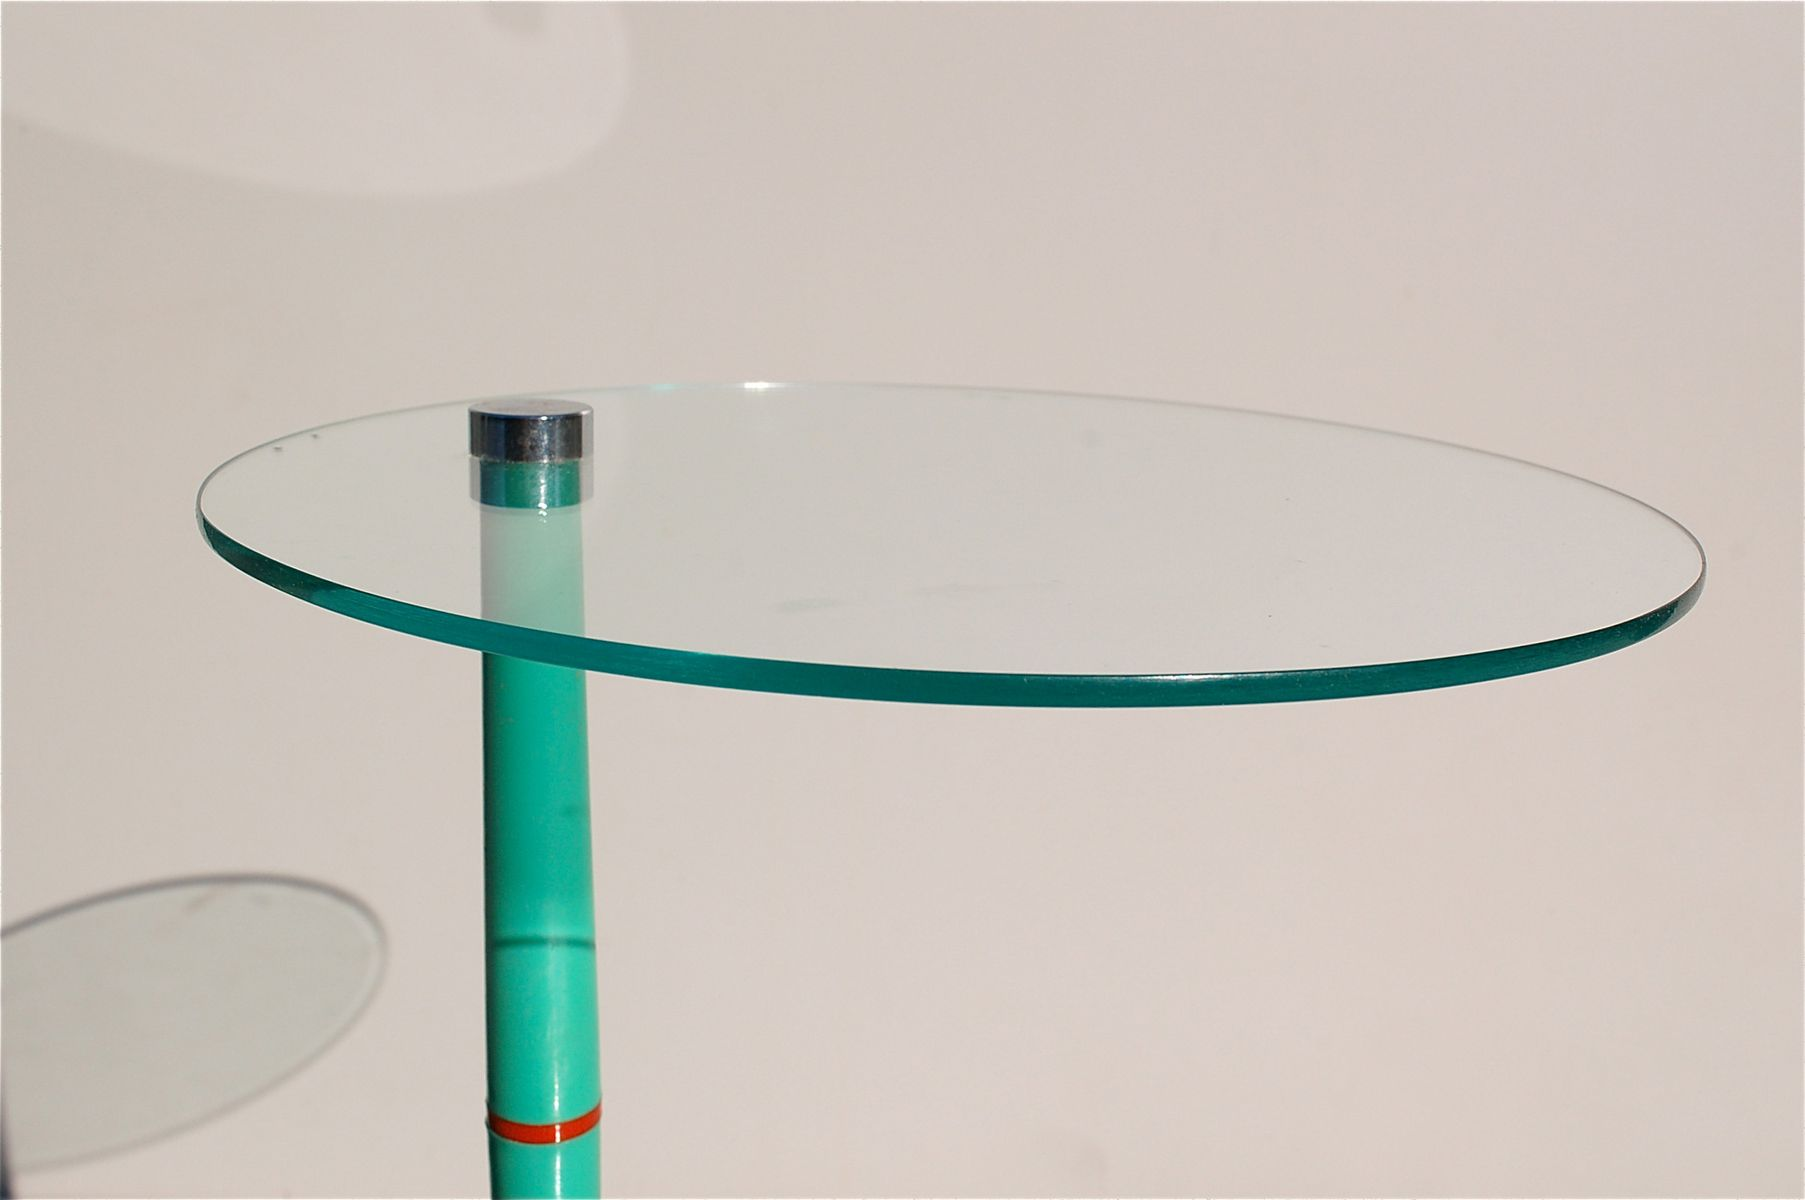 italienischer vintage beistelltisch aus glas mit gr nen tischbeinen bei pamono kaufen. Black Bedroom Furniture Sets. Home Design Ideas